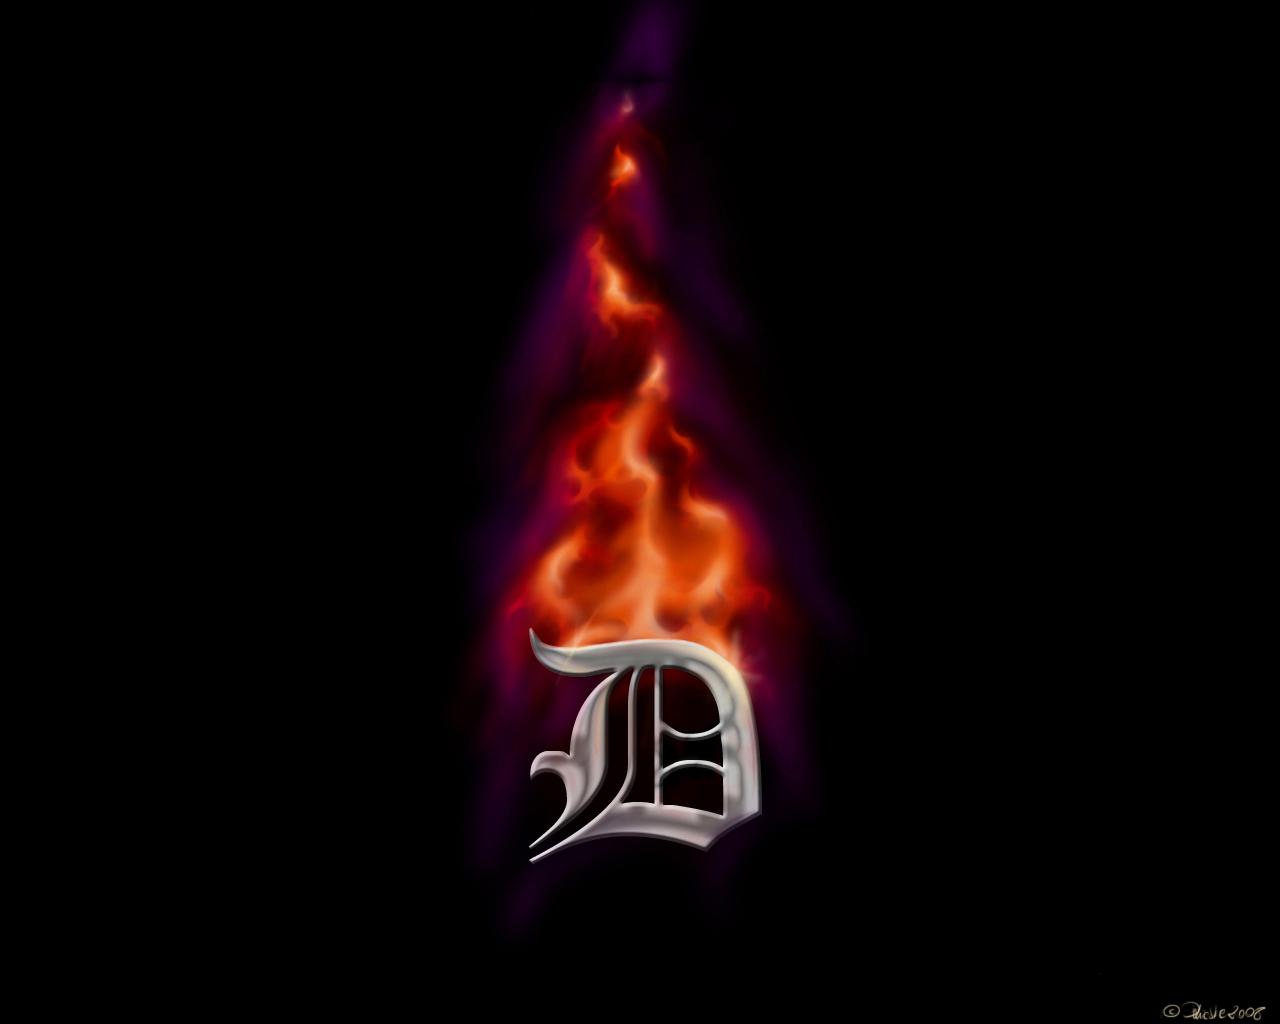 d d wallpaper